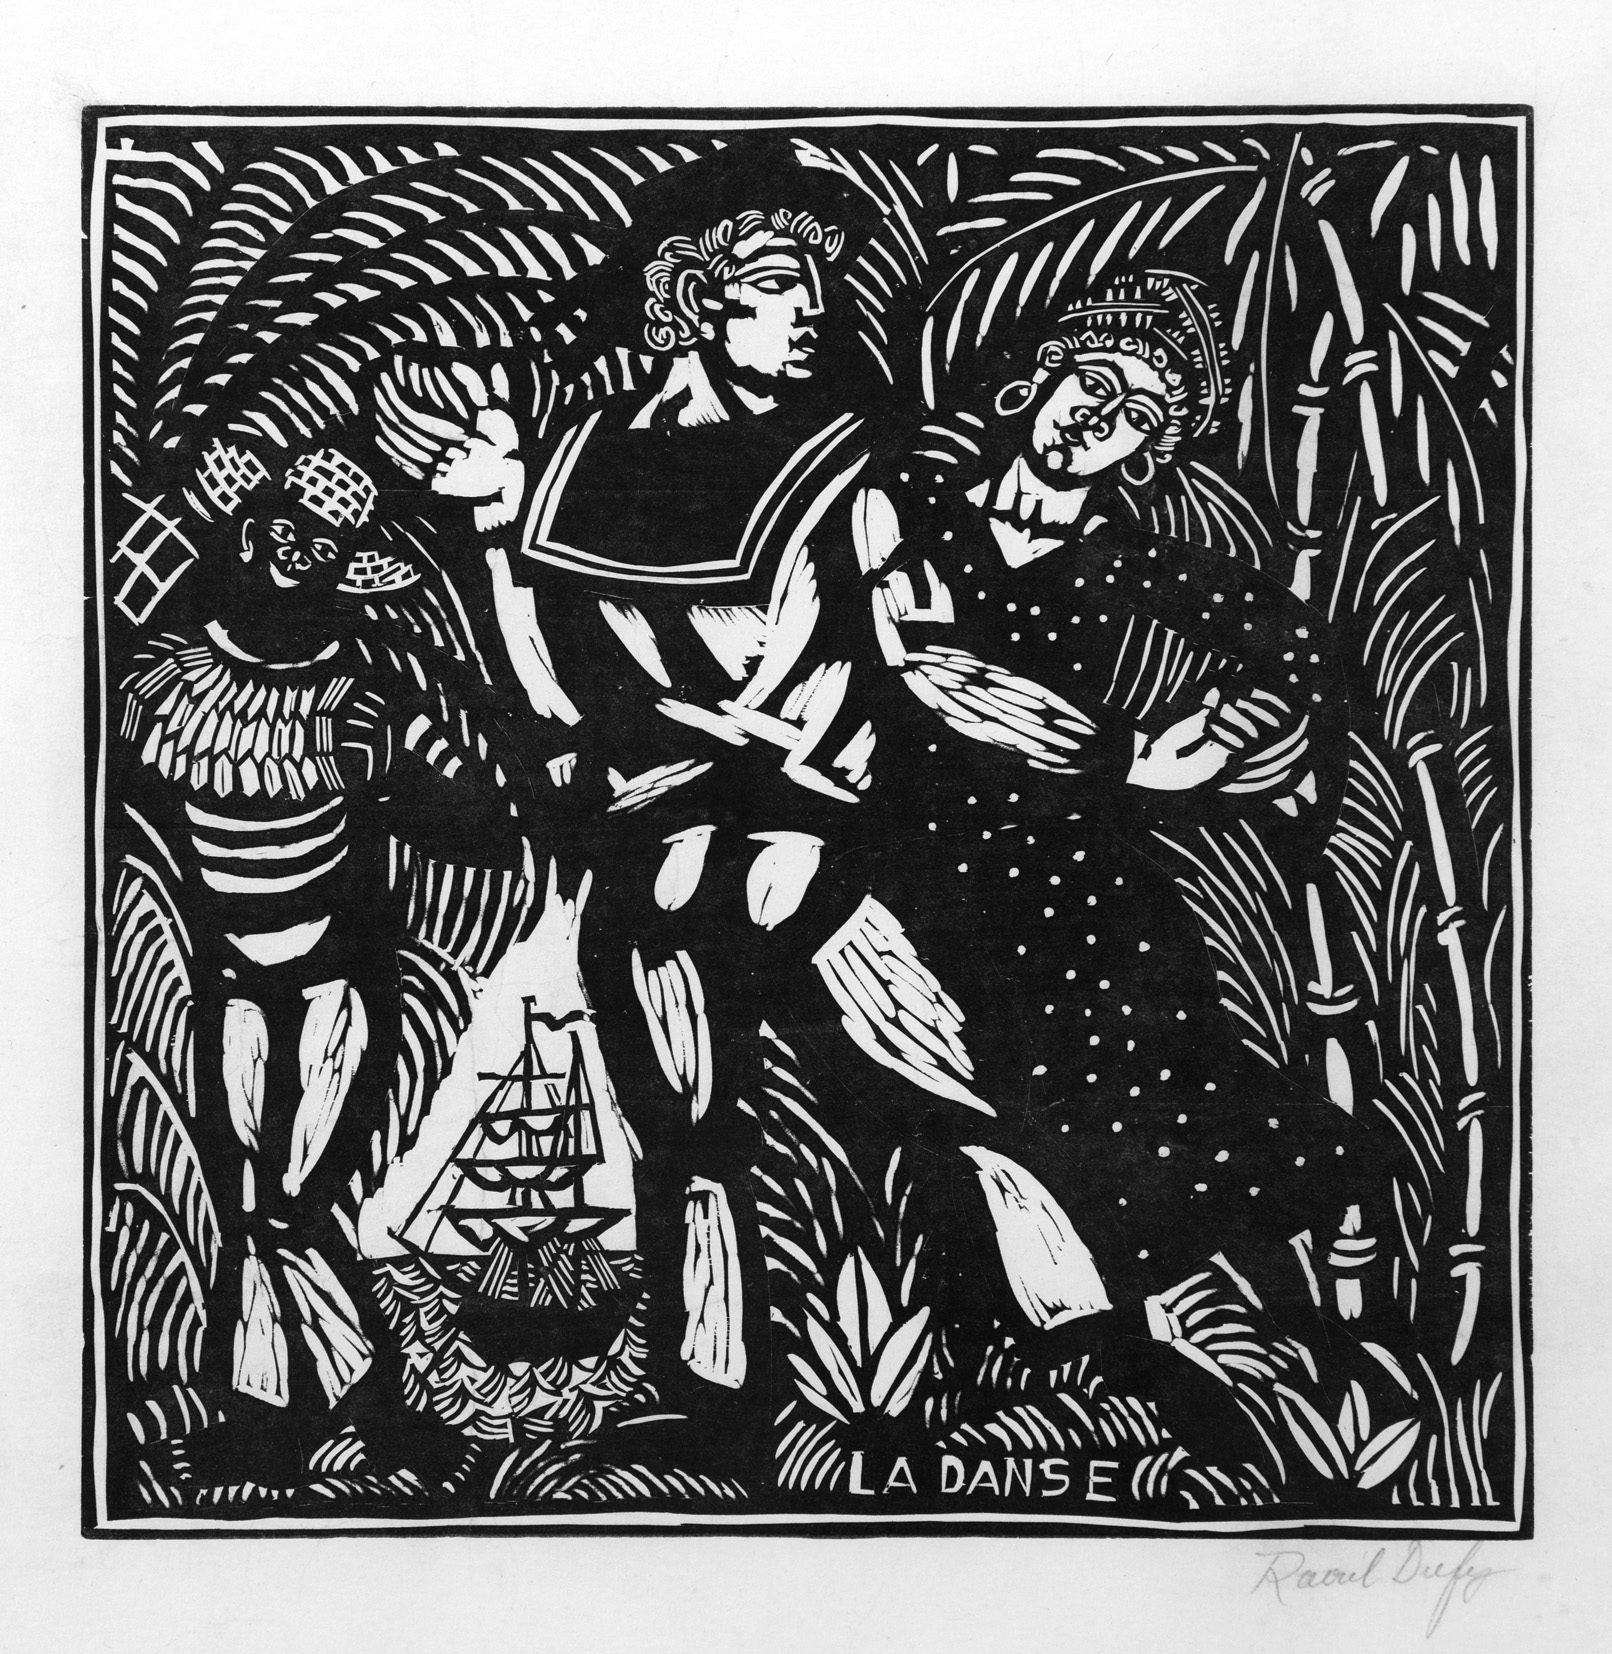 Raoul Dufy (1877–1953), La Danse, c. 1910. Woodcut in black ink, 46 x 58 cm